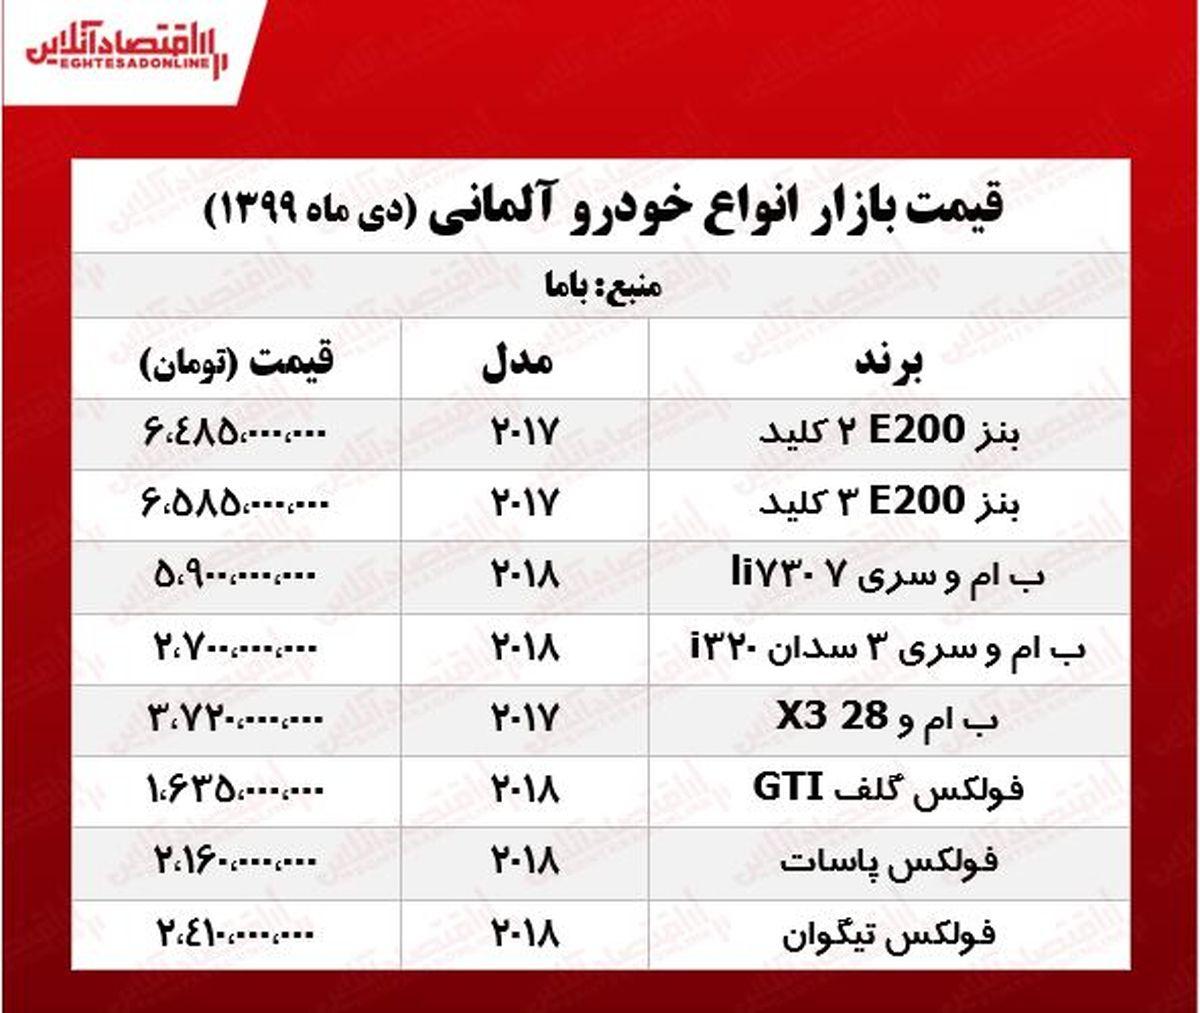 قیمت امروز خودروهای آلمانی +جدول